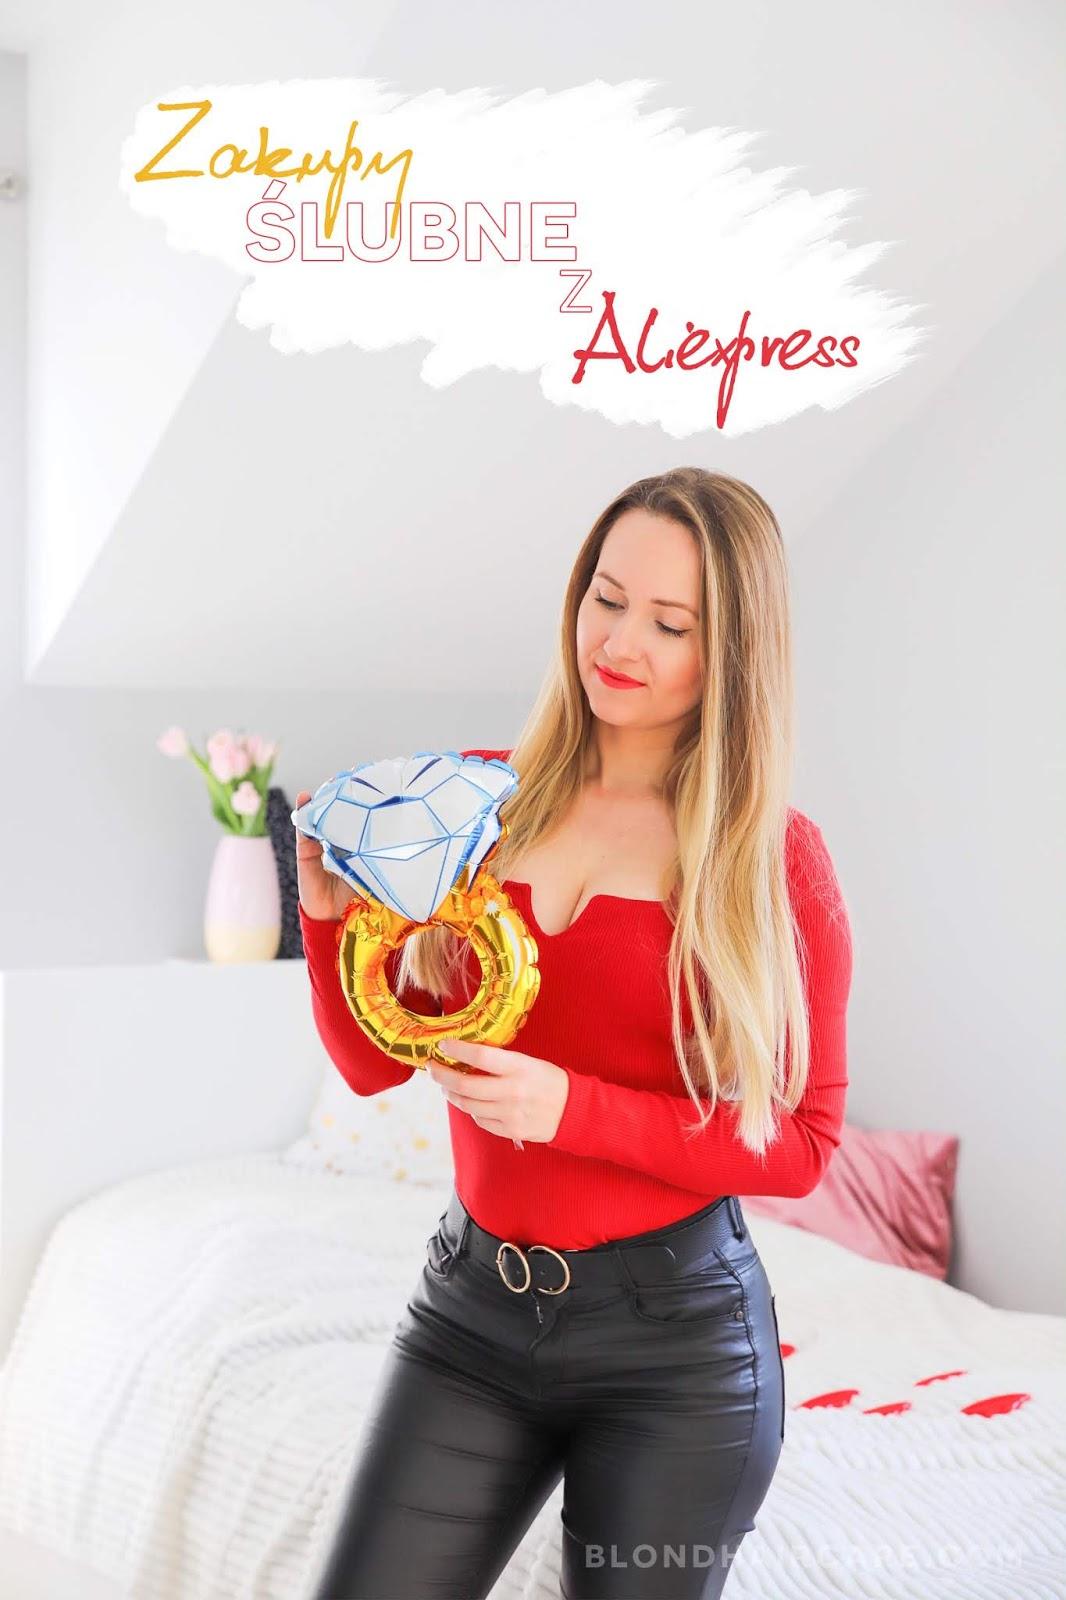 ślubno Weselne Zakupy Z Aliexpress 1 Pielęgnacja Włosów Blog